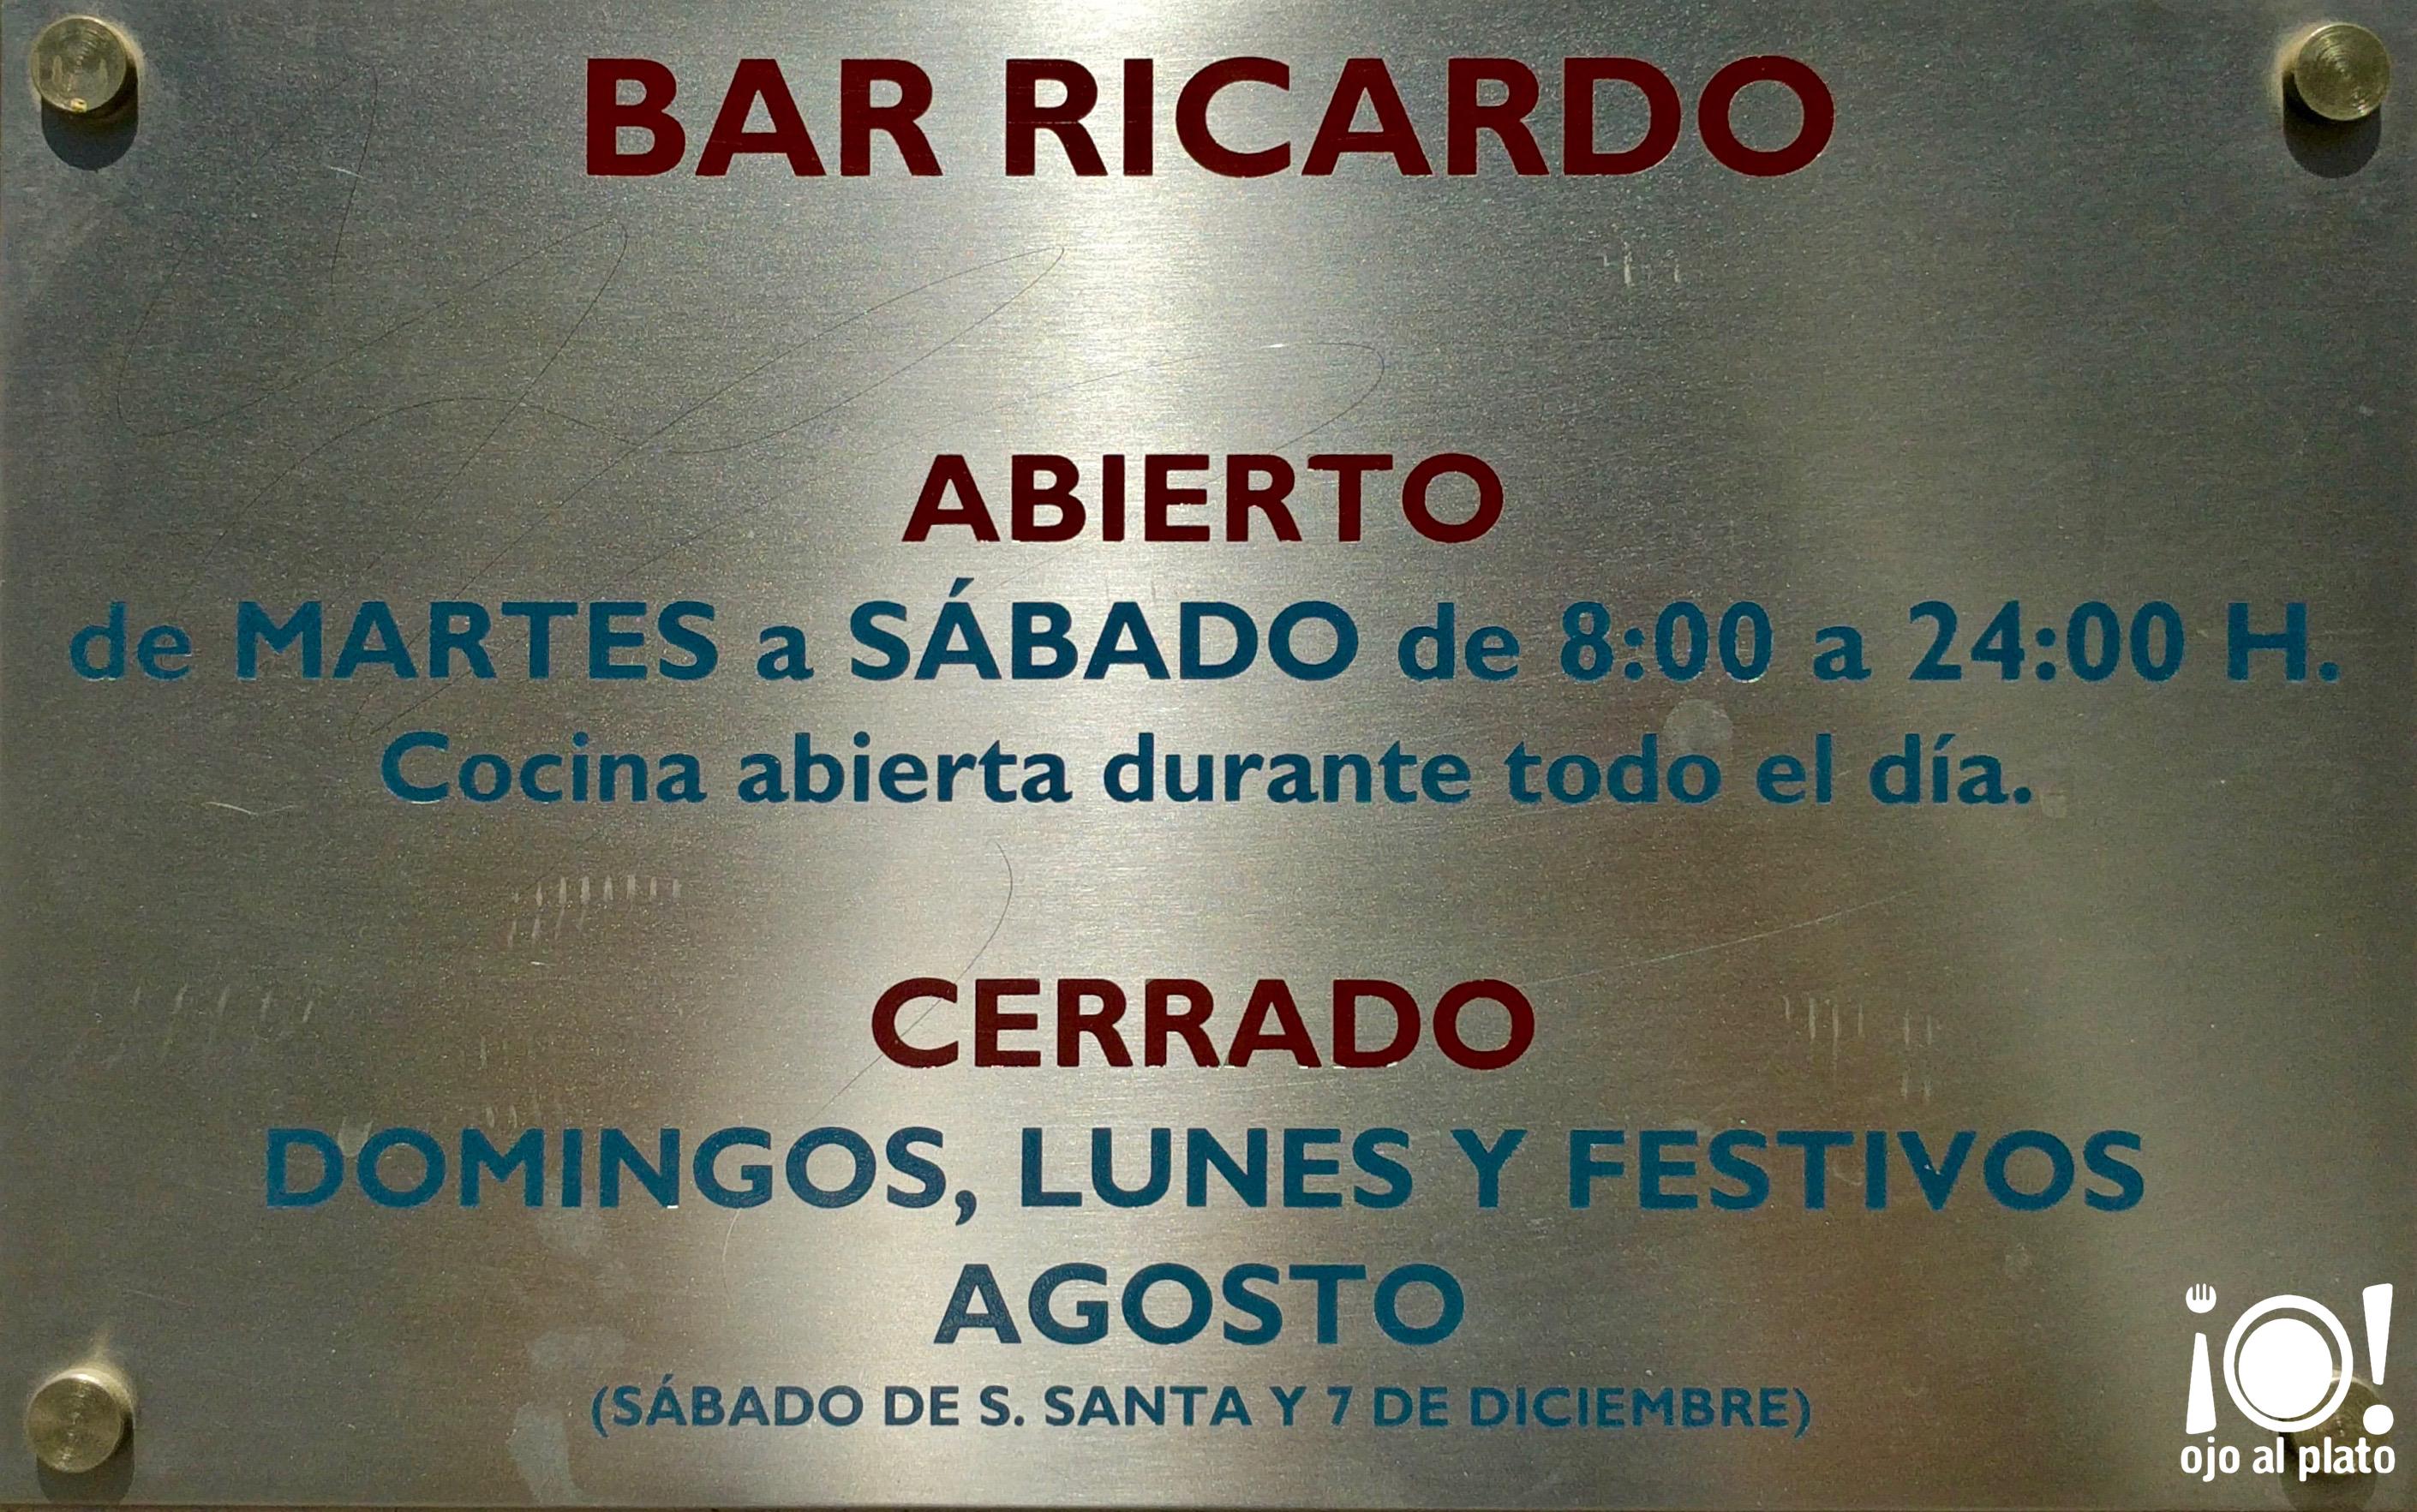 horario_ricardo